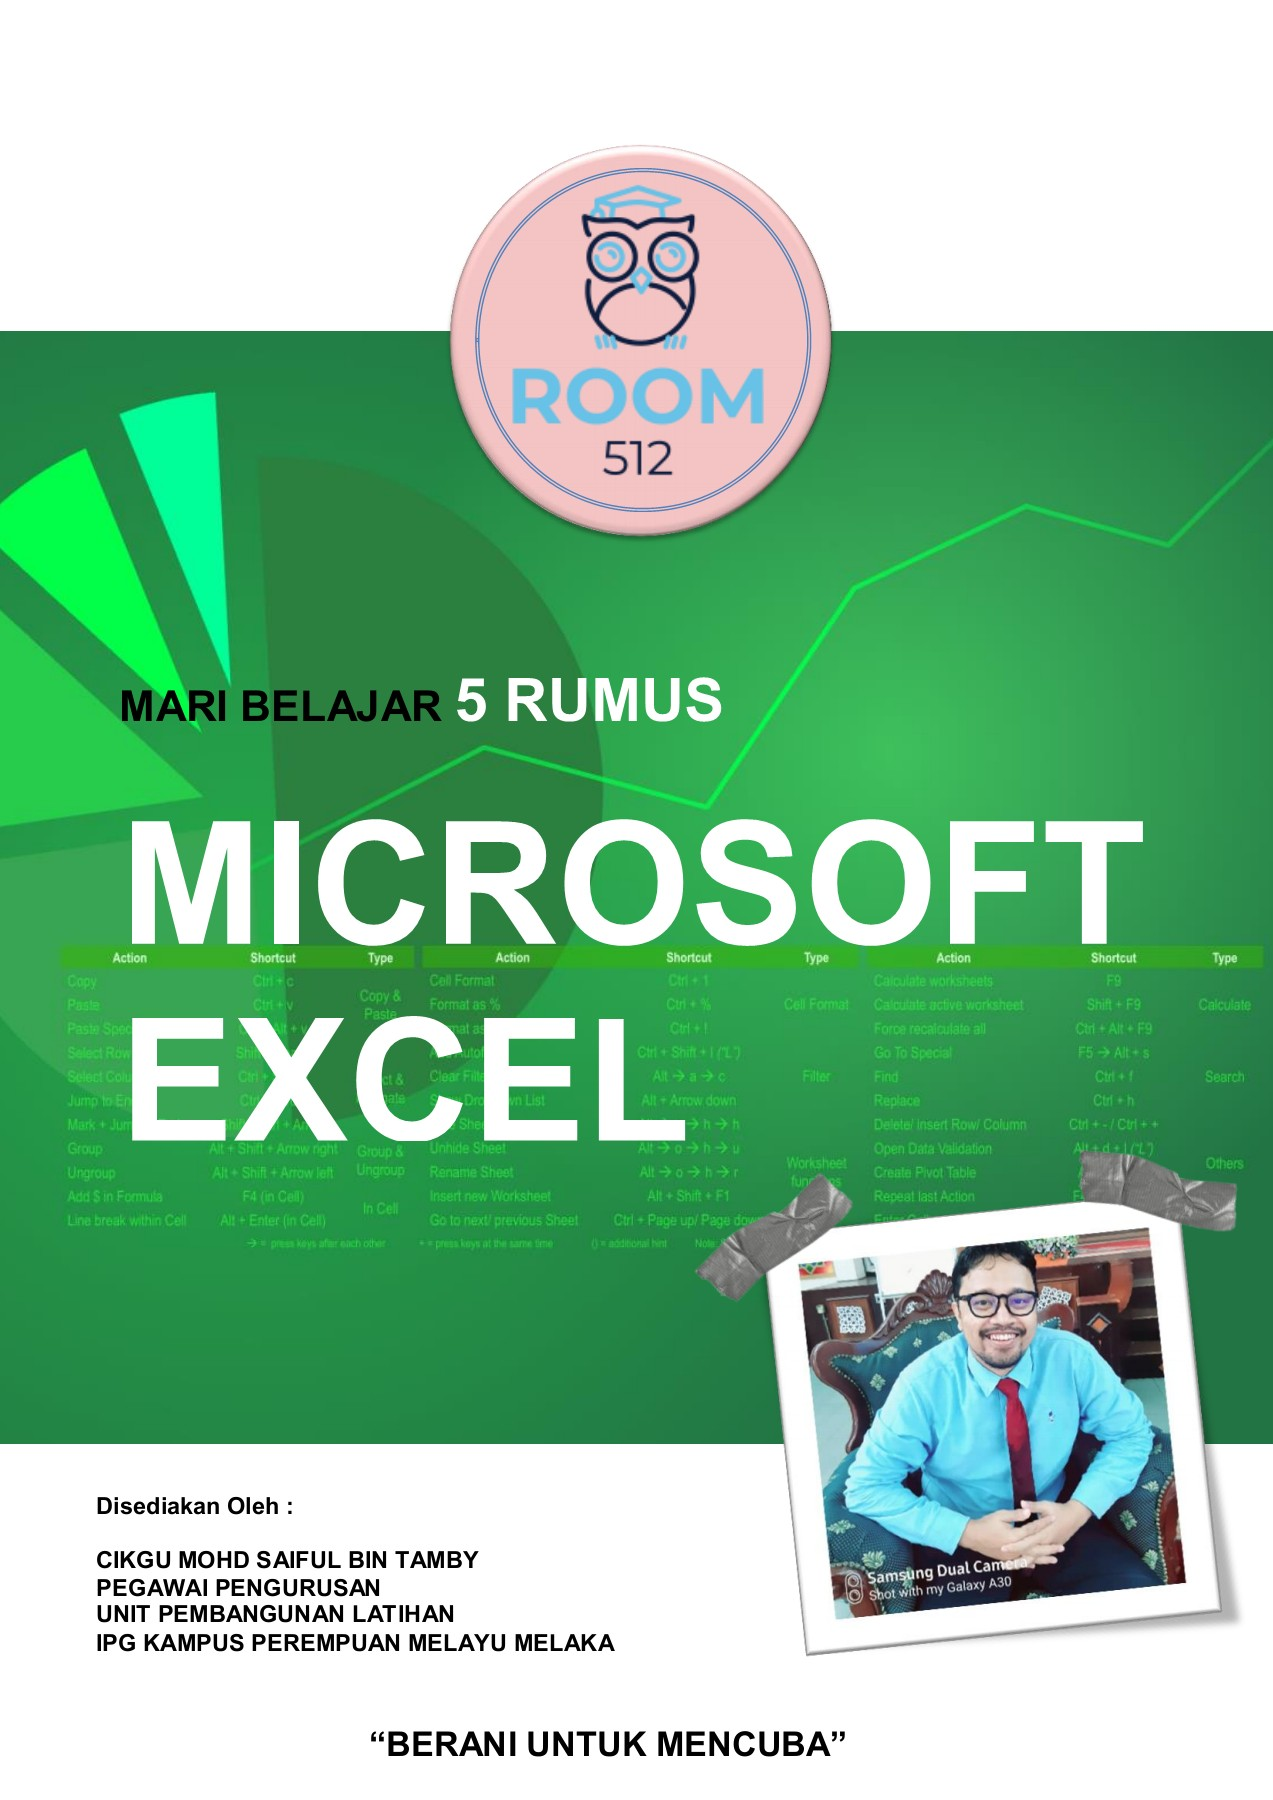 Belajar Excel Pdf : belajar, excel, BELAJAR, RUMUS, EXCEL, Pages, Download, FlipHTML5